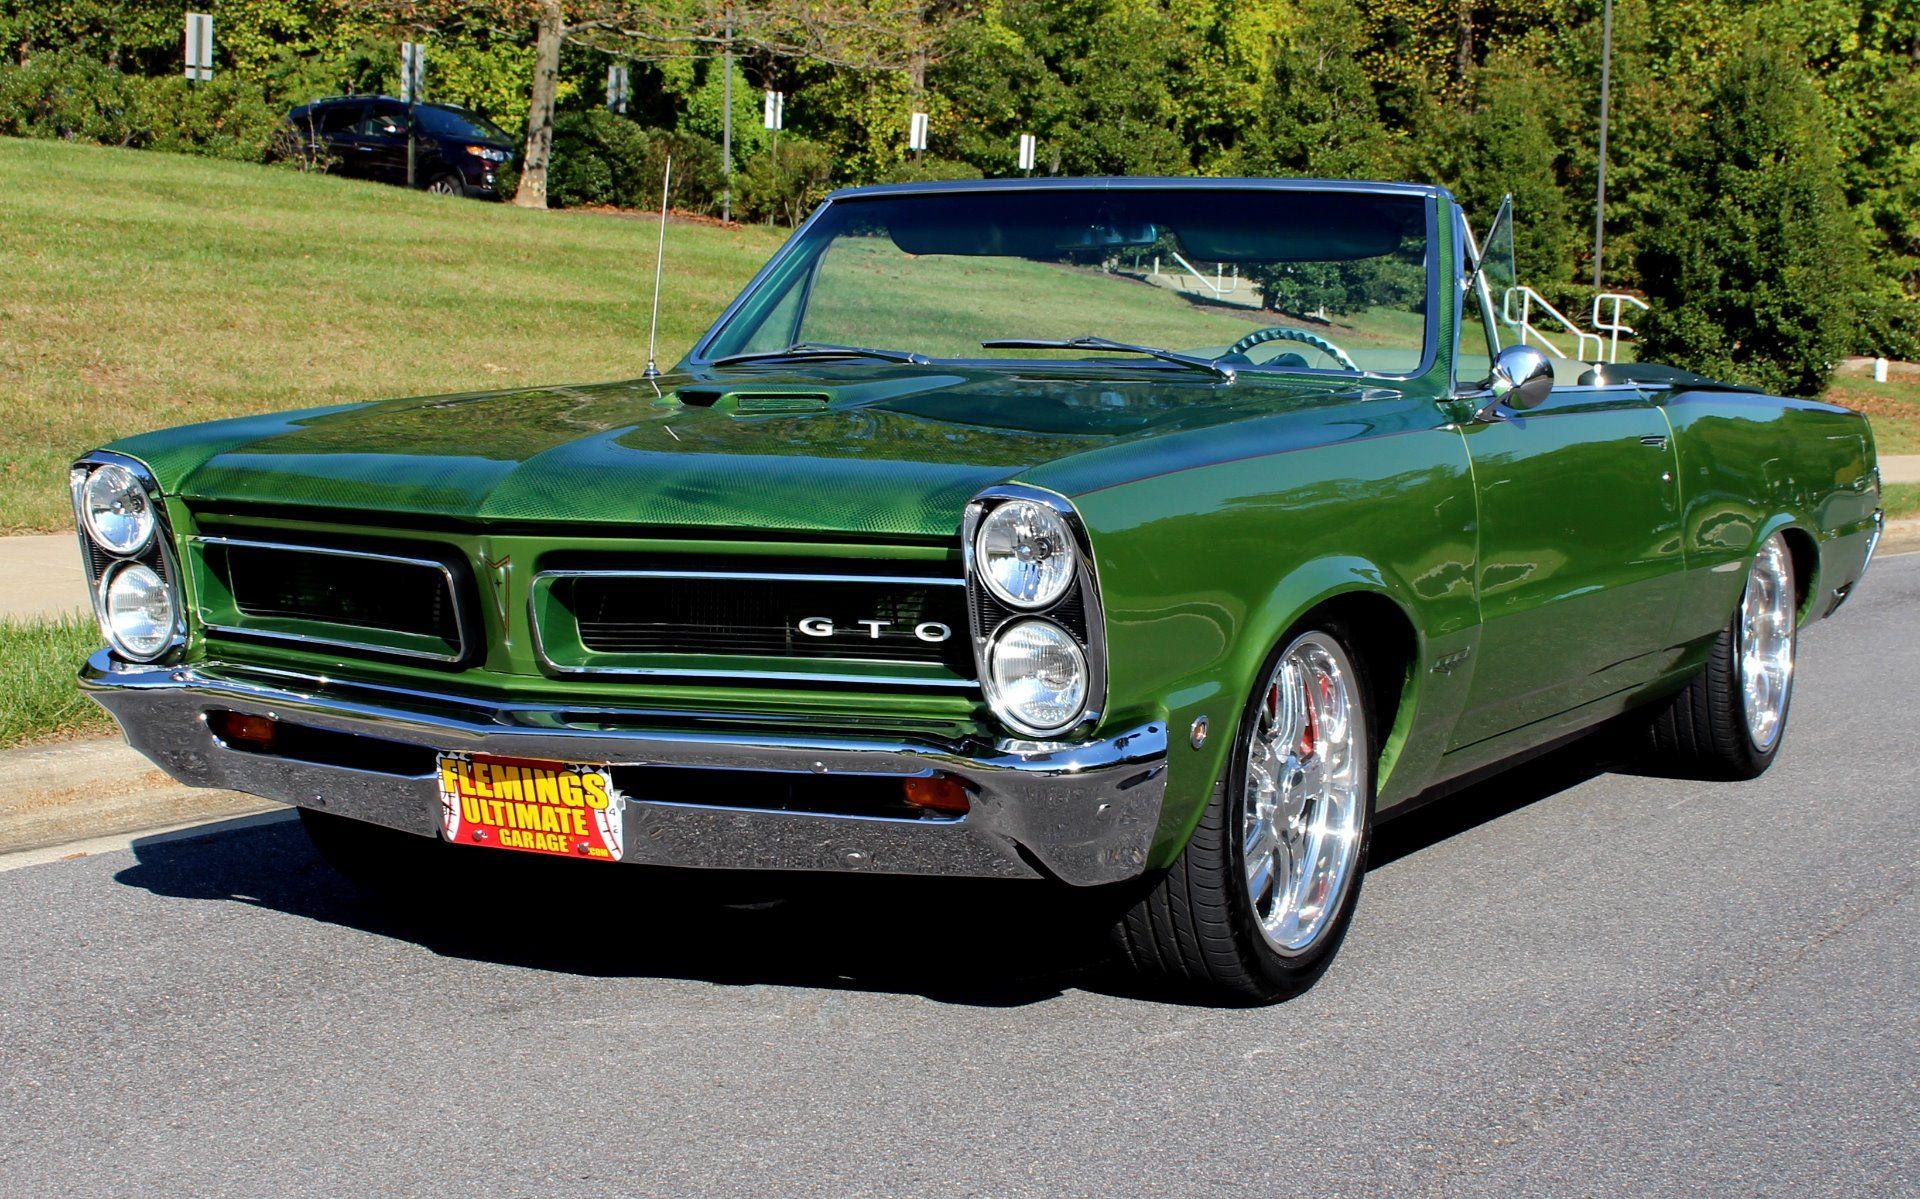 1965 pontiac gto pro touring classic cars pontiac gto gto 1965 pontiac gto. Black Bedroom Furniture Sets. Home Design Ideas